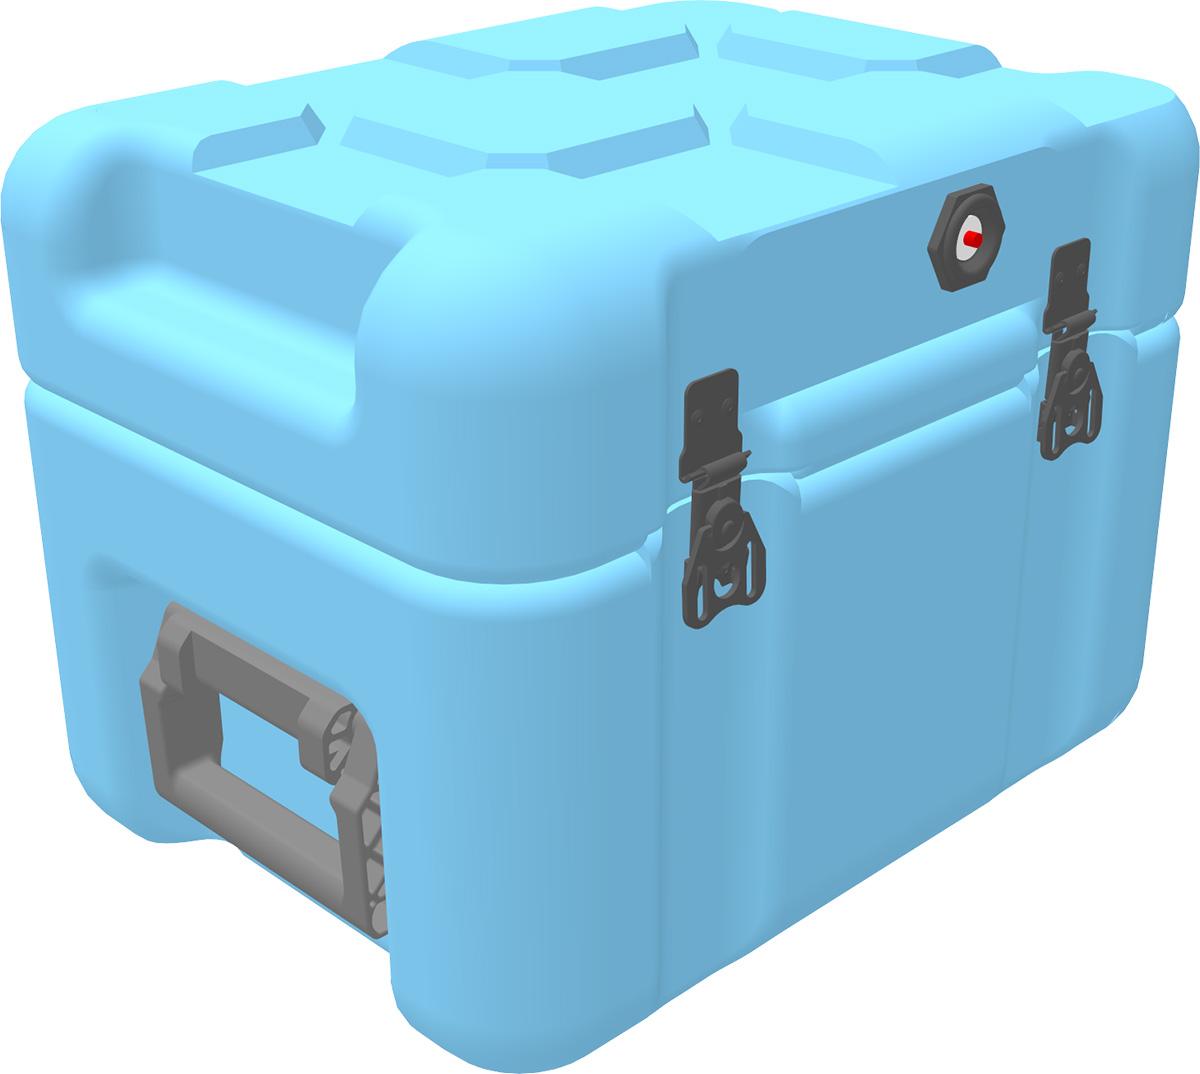 peli eu040030 2010 isp2 shipping case